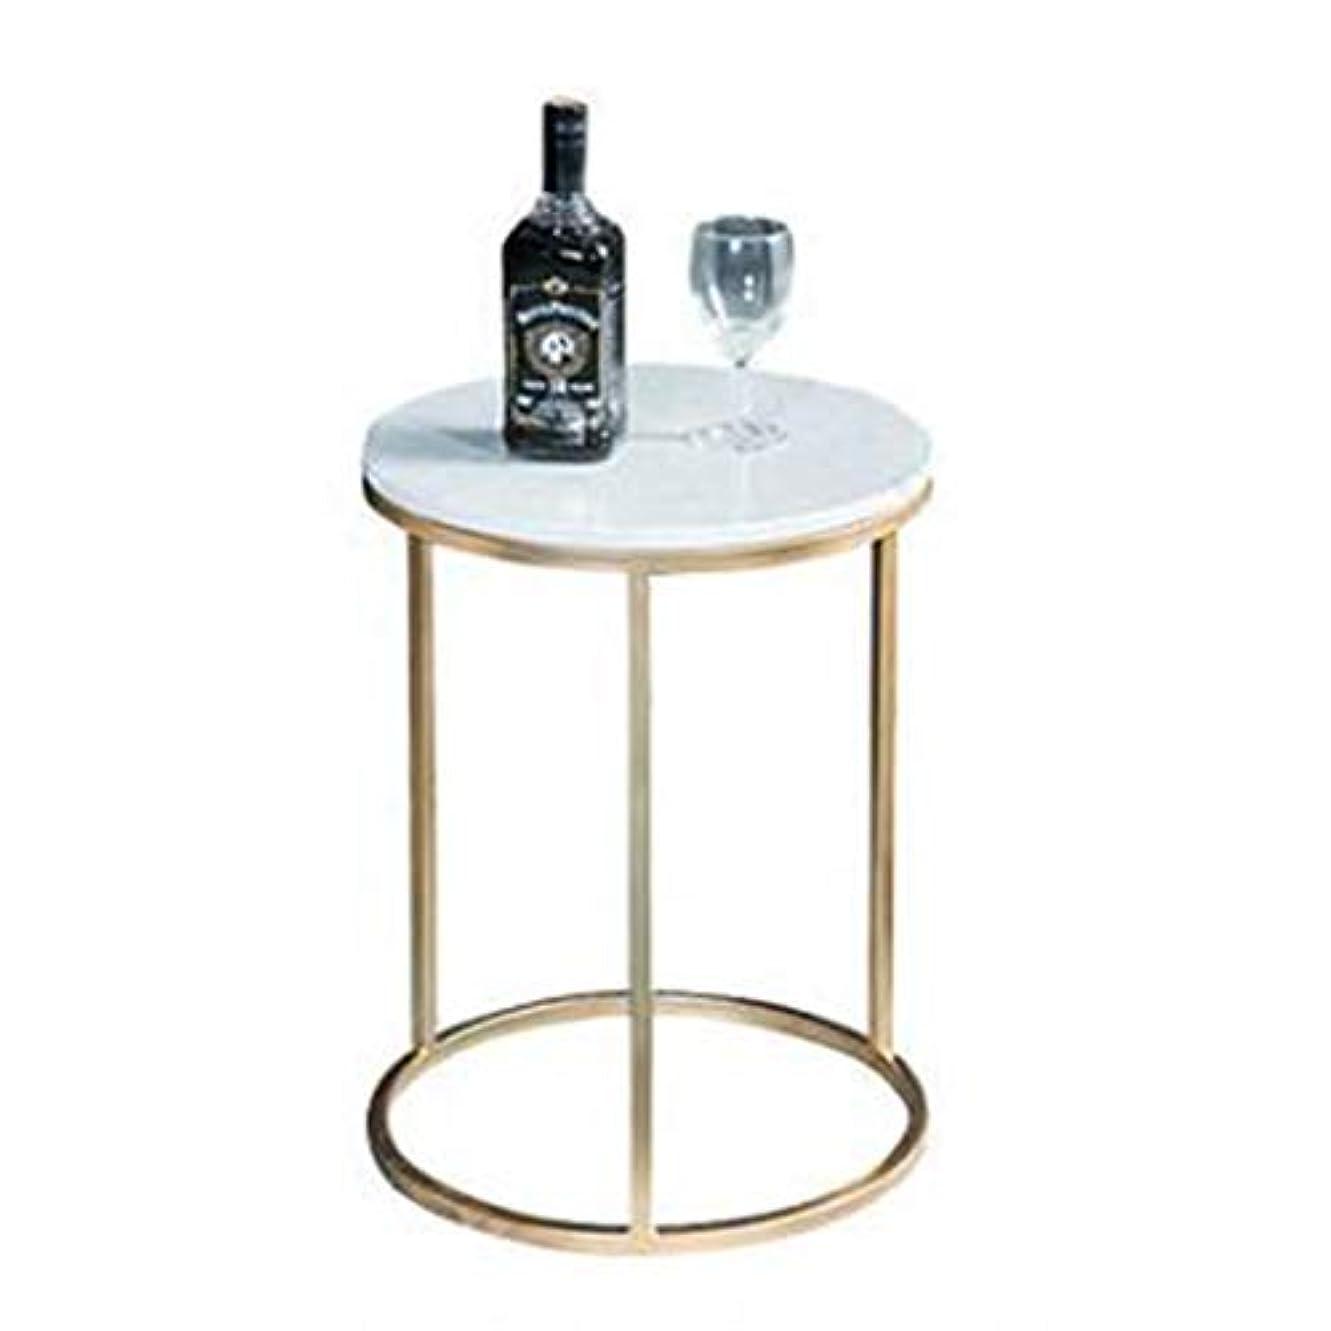 遅滞晩餐ニュージーランドコーヒーテーブルシンプルなラウンドコーナーコーヒーテーブルラウンド大理石のコーヒーテーブル研究オフィス、ホテル、寝室、ダイニングルーム、リビングルームのバルコニー、小さなコーヒーテーブル、サイズ:40 cm * 50 cm,Gold,50*40cm